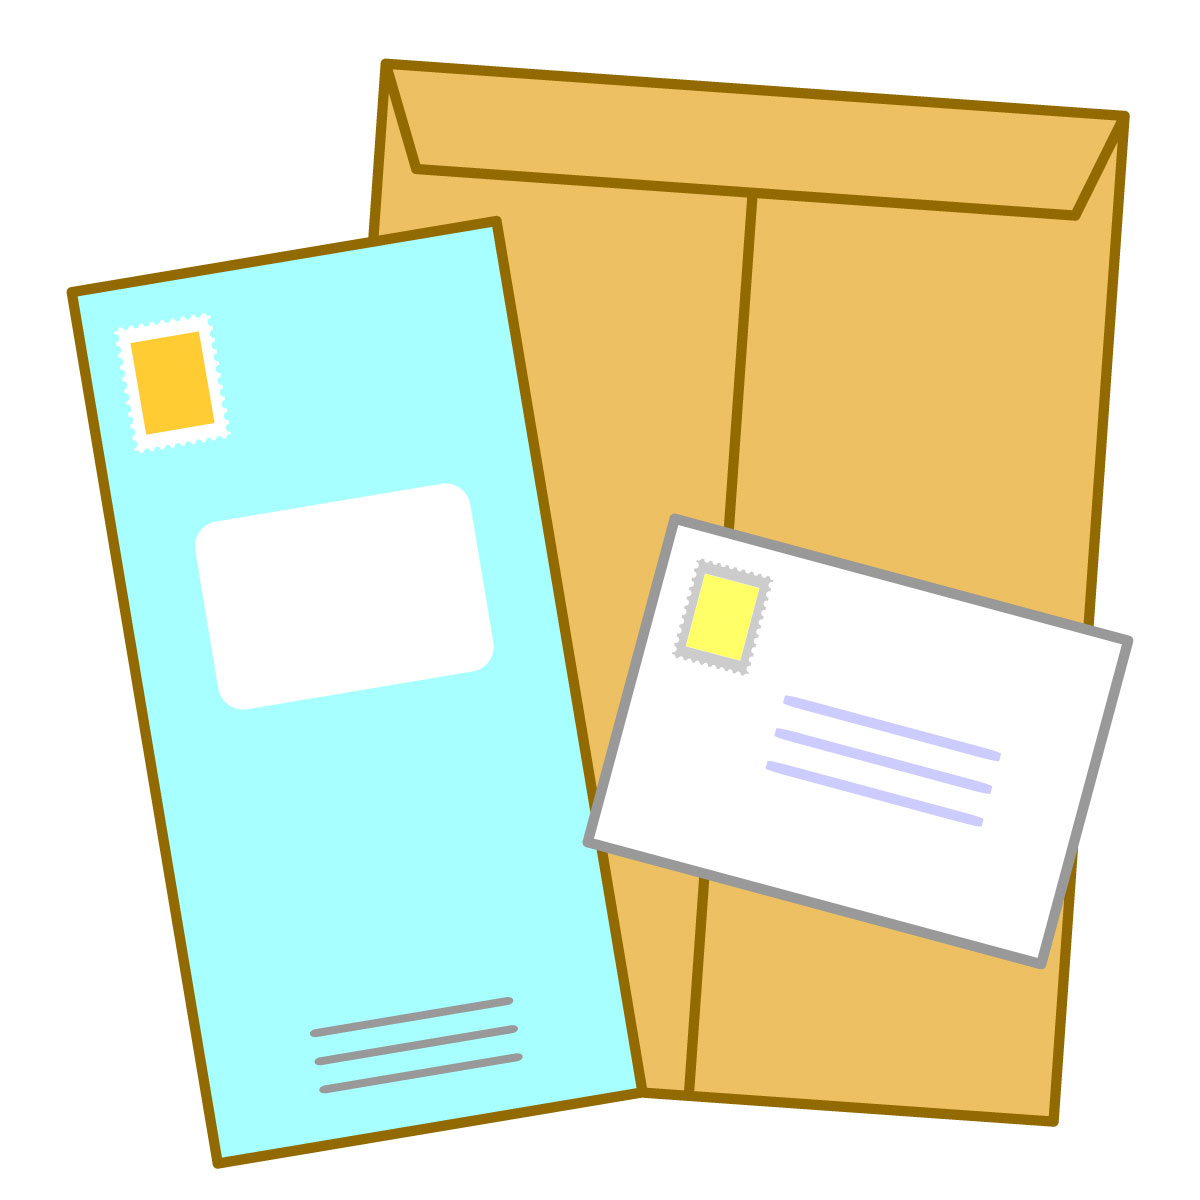 物 転送 郵便